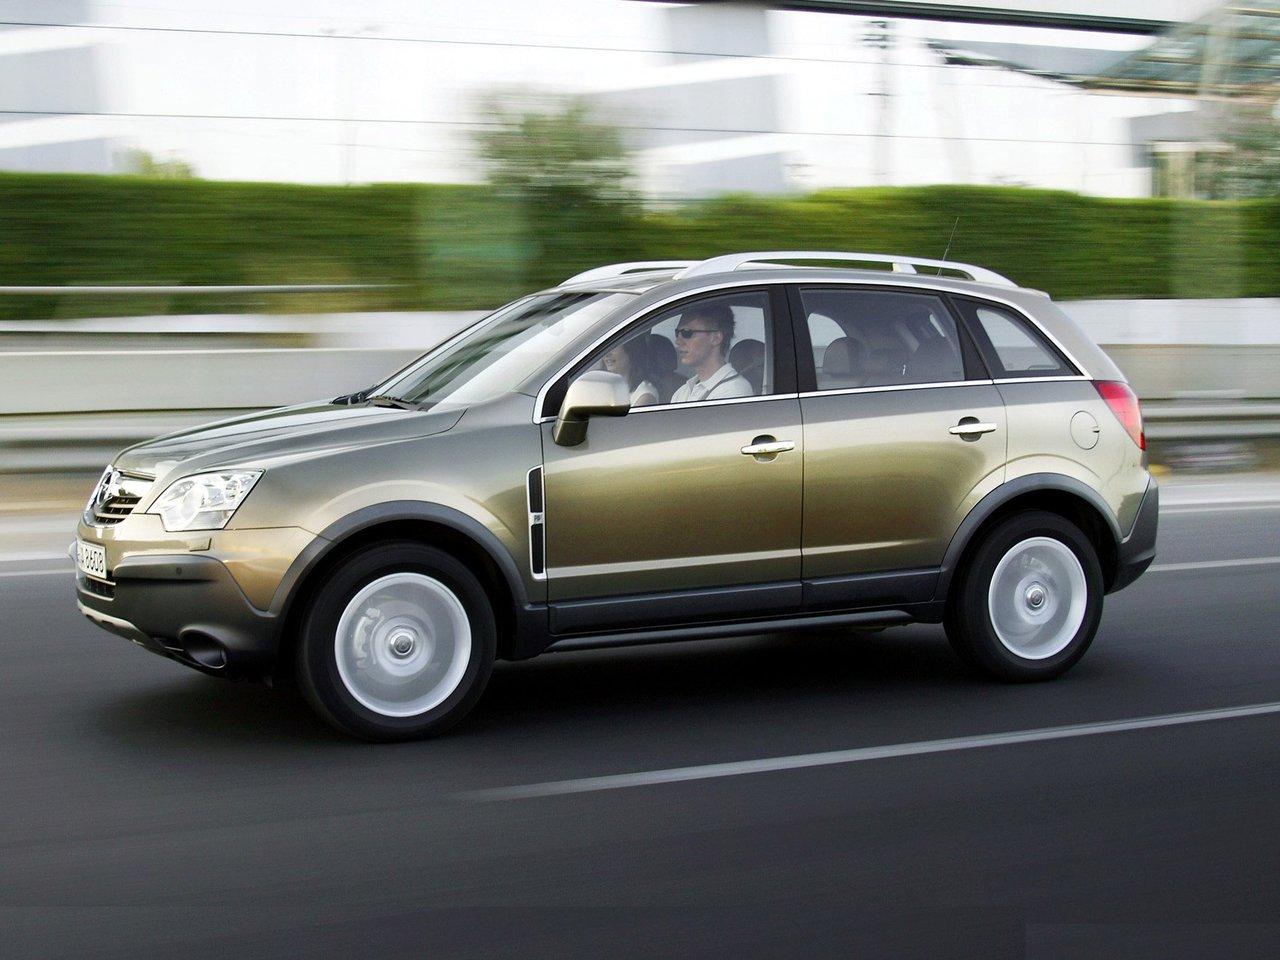 Новый автомобиль 2017 года за 500000 рублей